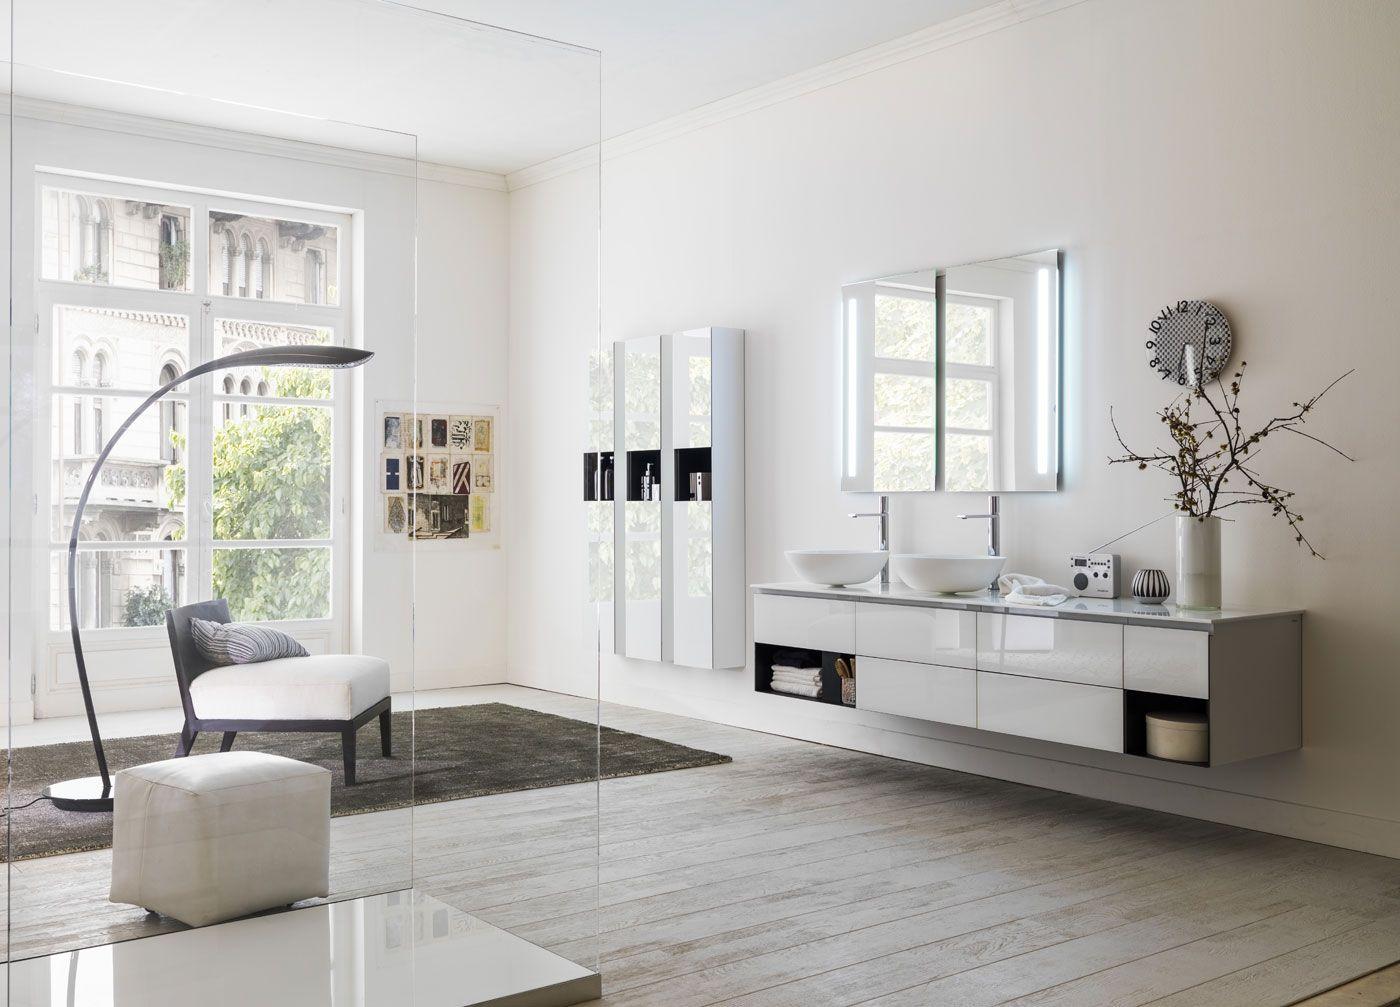 monolite 2.0 - composiciones al 352 - baño, diseño, decoración, Badezimmer ideen